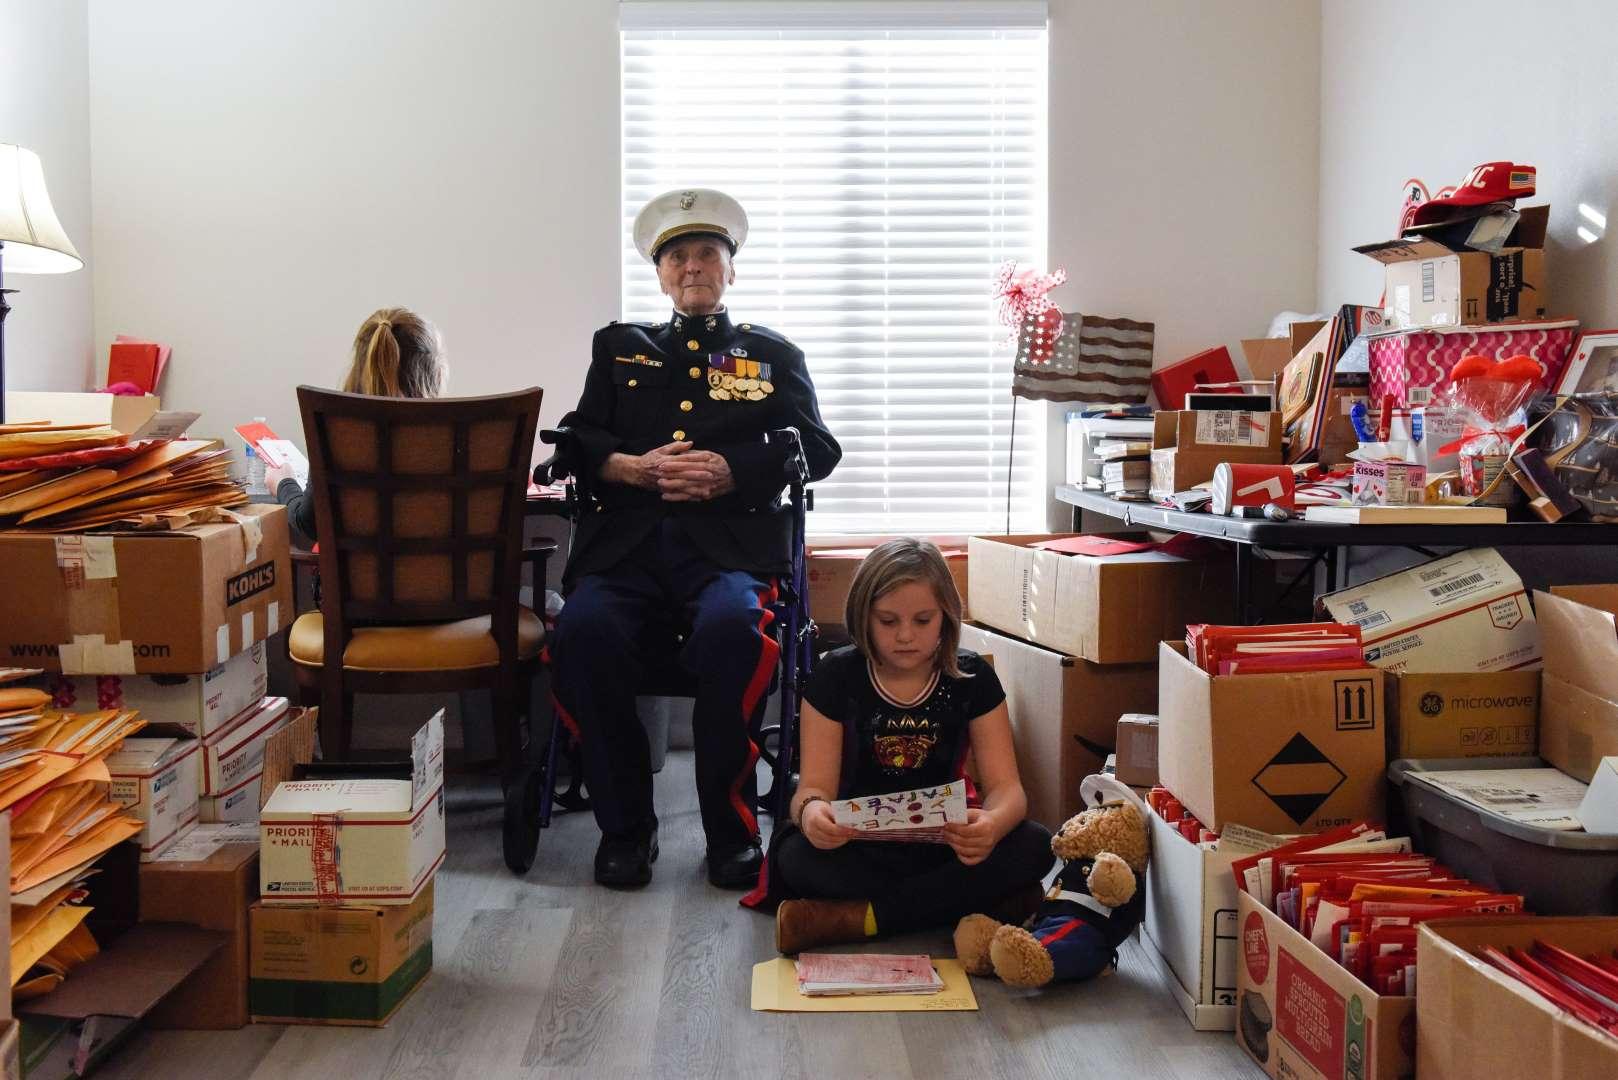 Cụ ông 104 tuổi nhận được 70.000 bức thư, thiệp mừng trong ngày lễ Tình nhân - 1